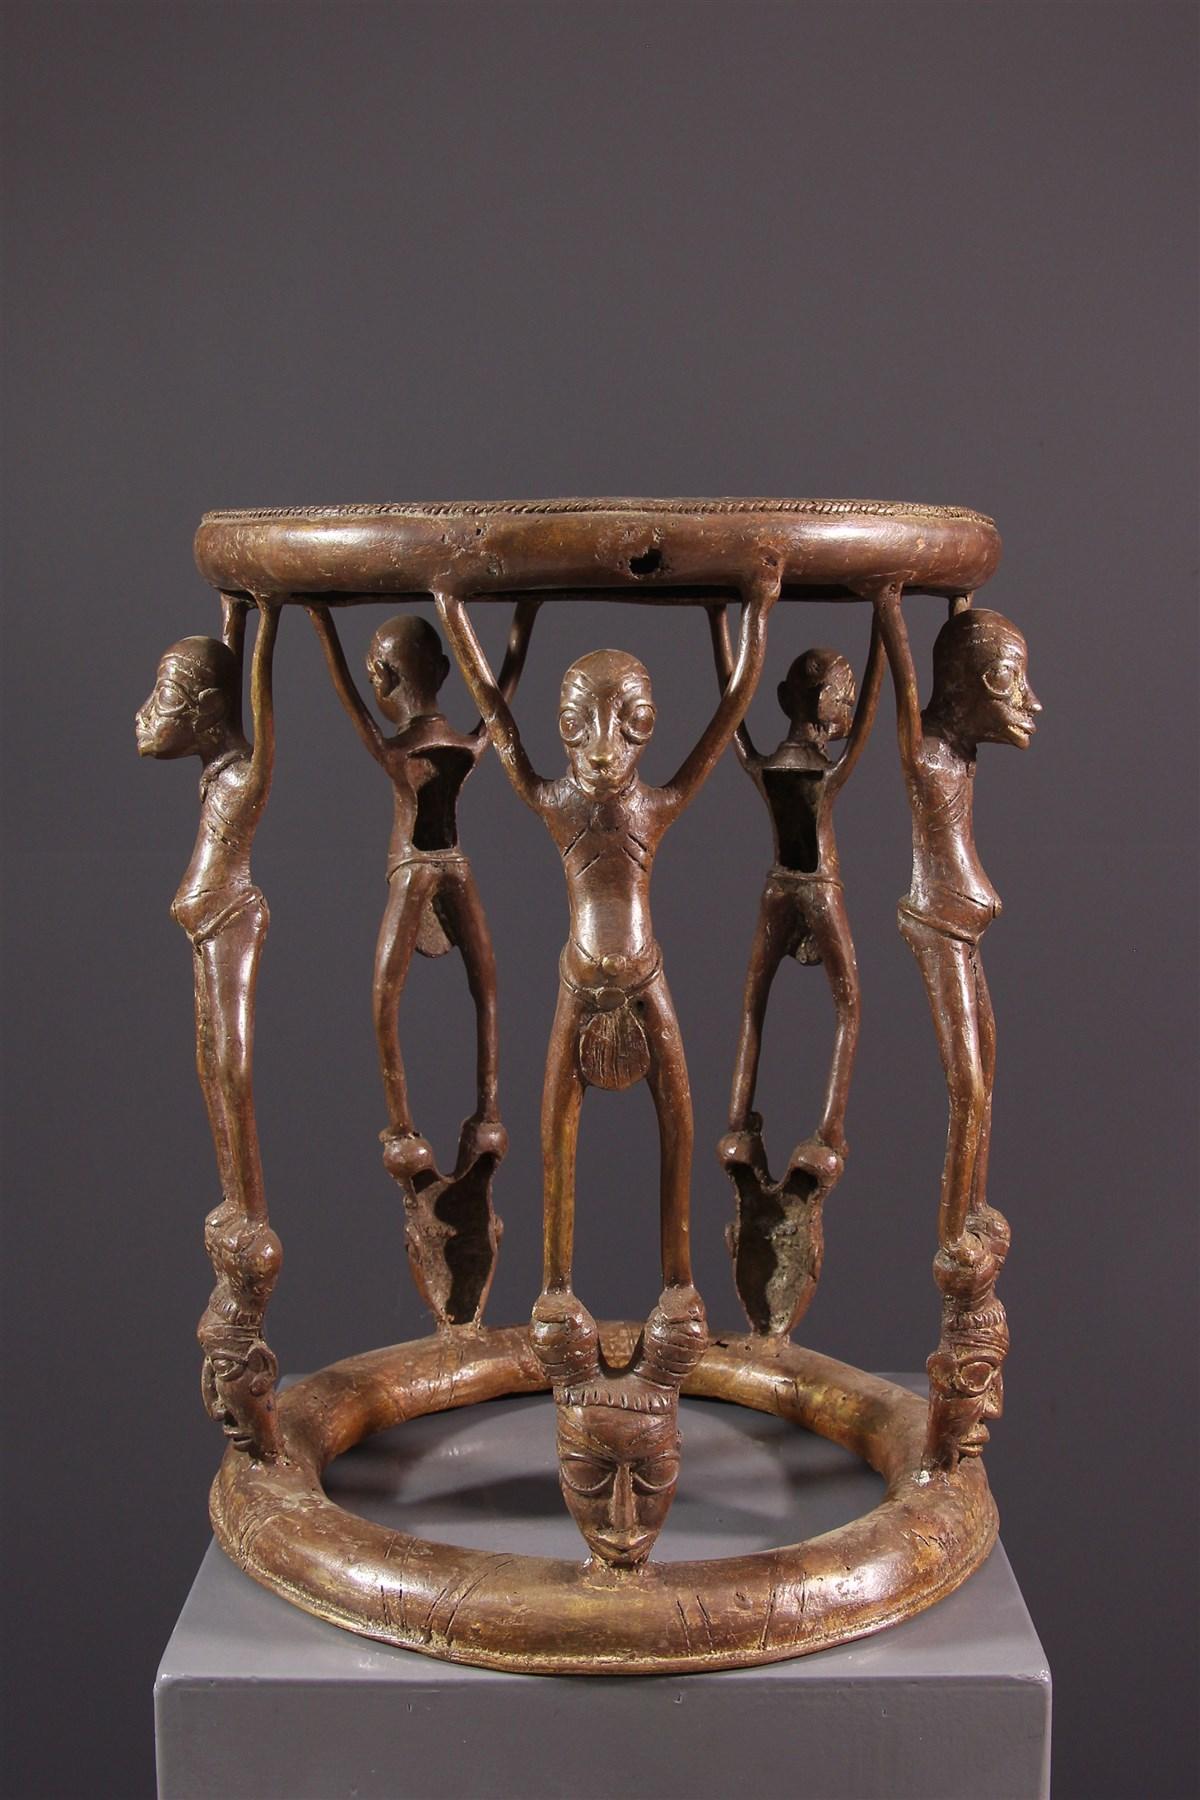 Tabouret de prestige Tikar en bronze - Art africain